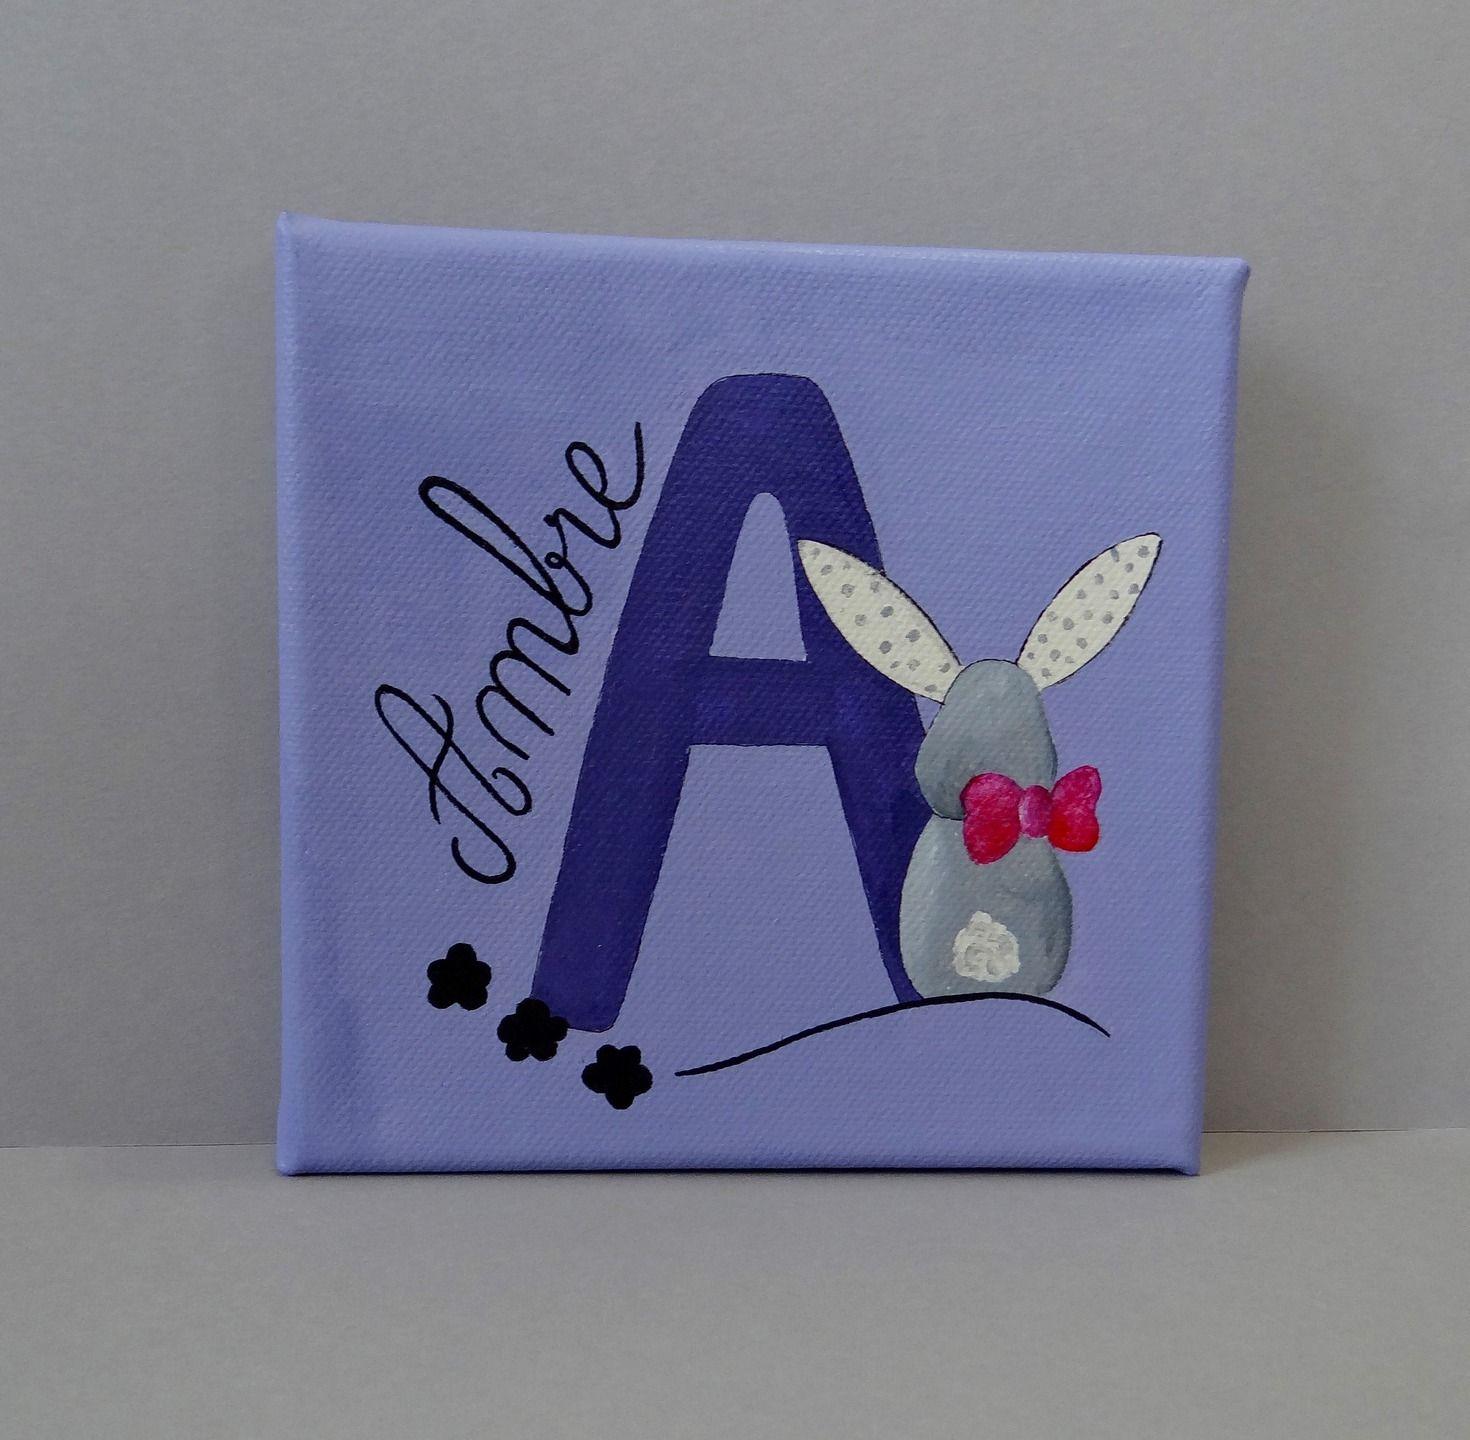 Tableau pr nom pour chambre d 39 enfant lapin tableau pr nom pinterest enfant chambre enfant - Peinture pour chambre enfant ...